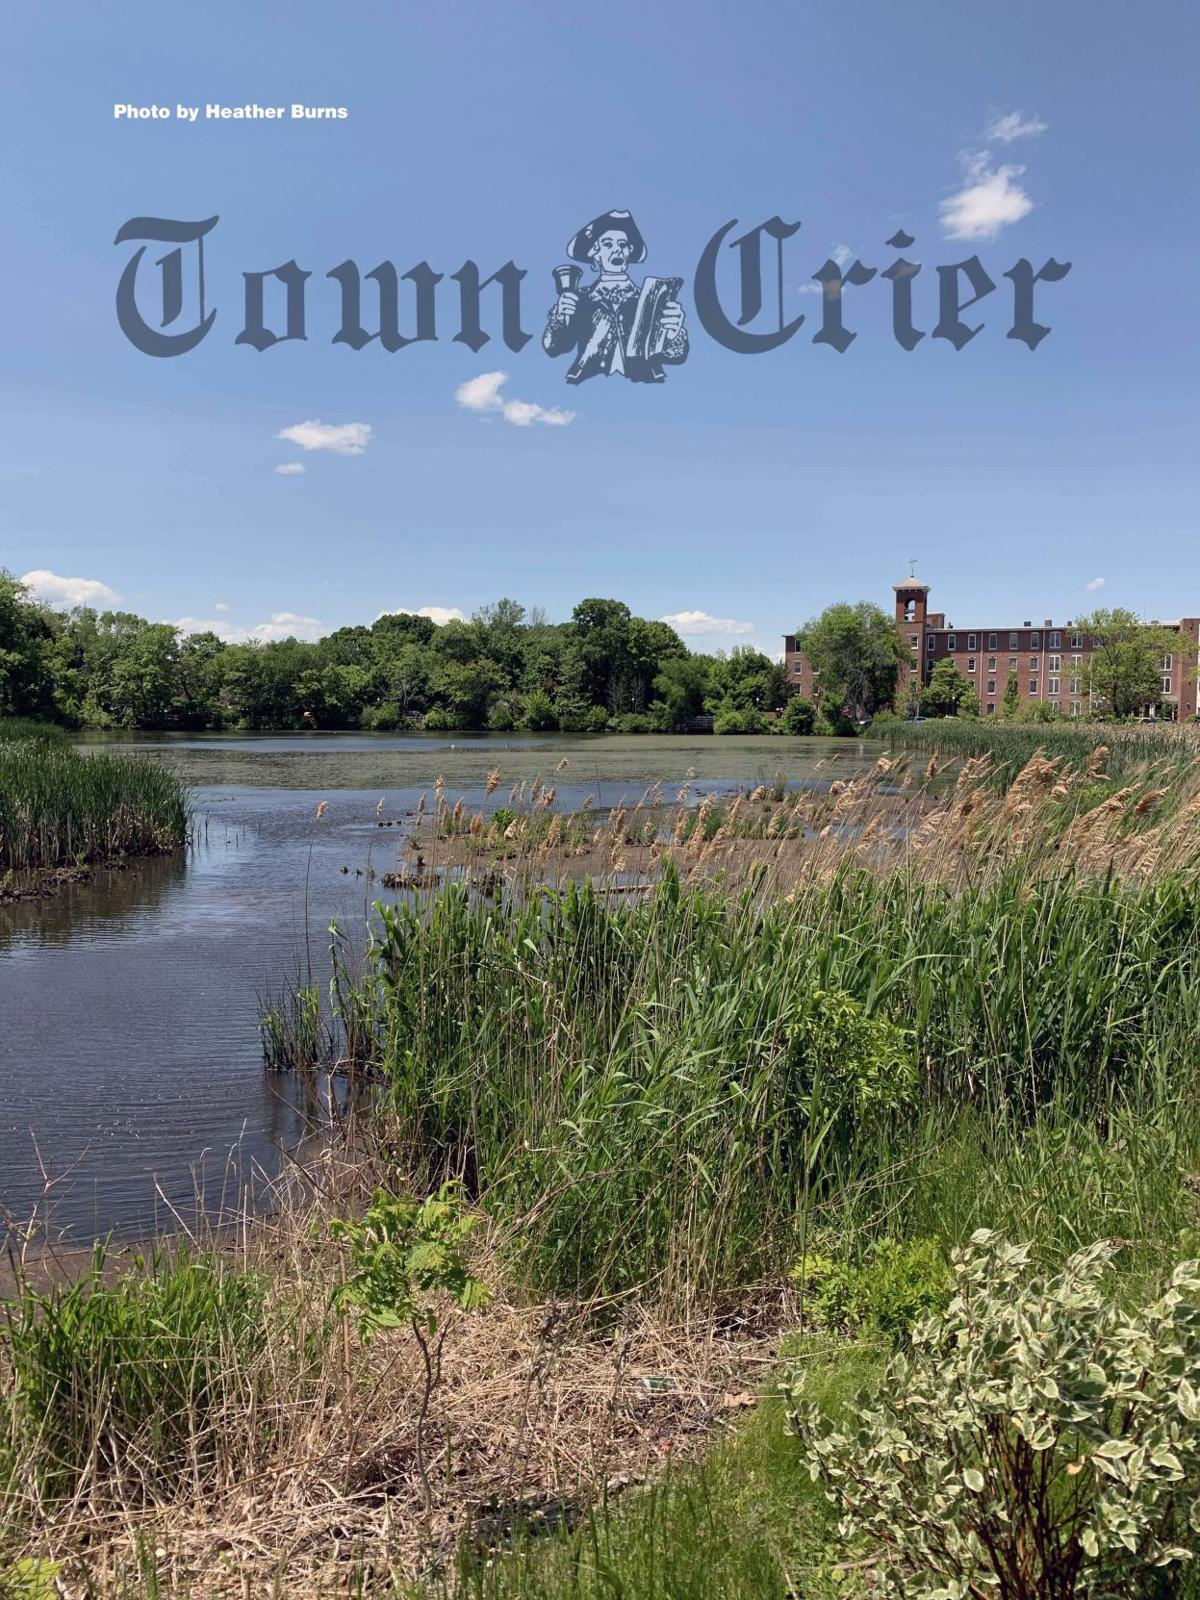 Scenic Sutton Pond